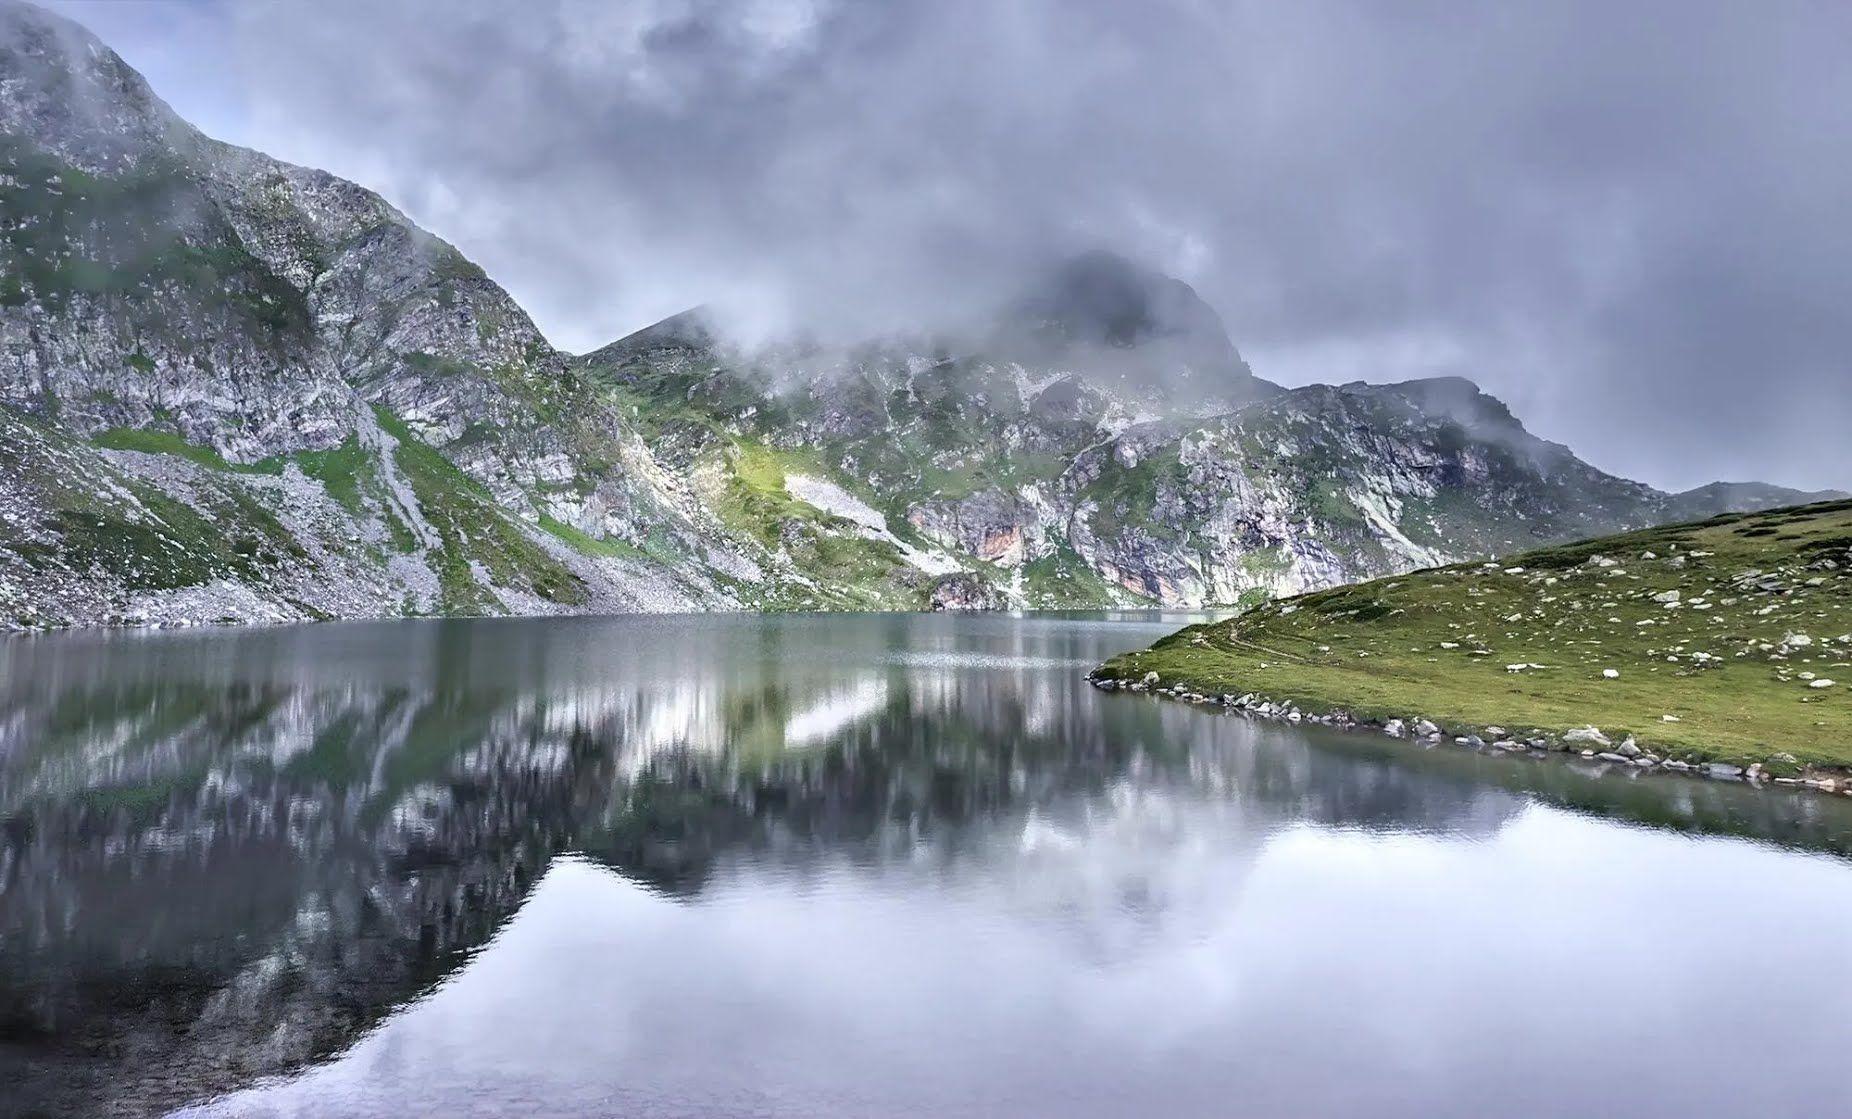 Этой зимой курорты Болгарии стали одним из немногих открытых направлений горнолыжного отдыха для украинцев.